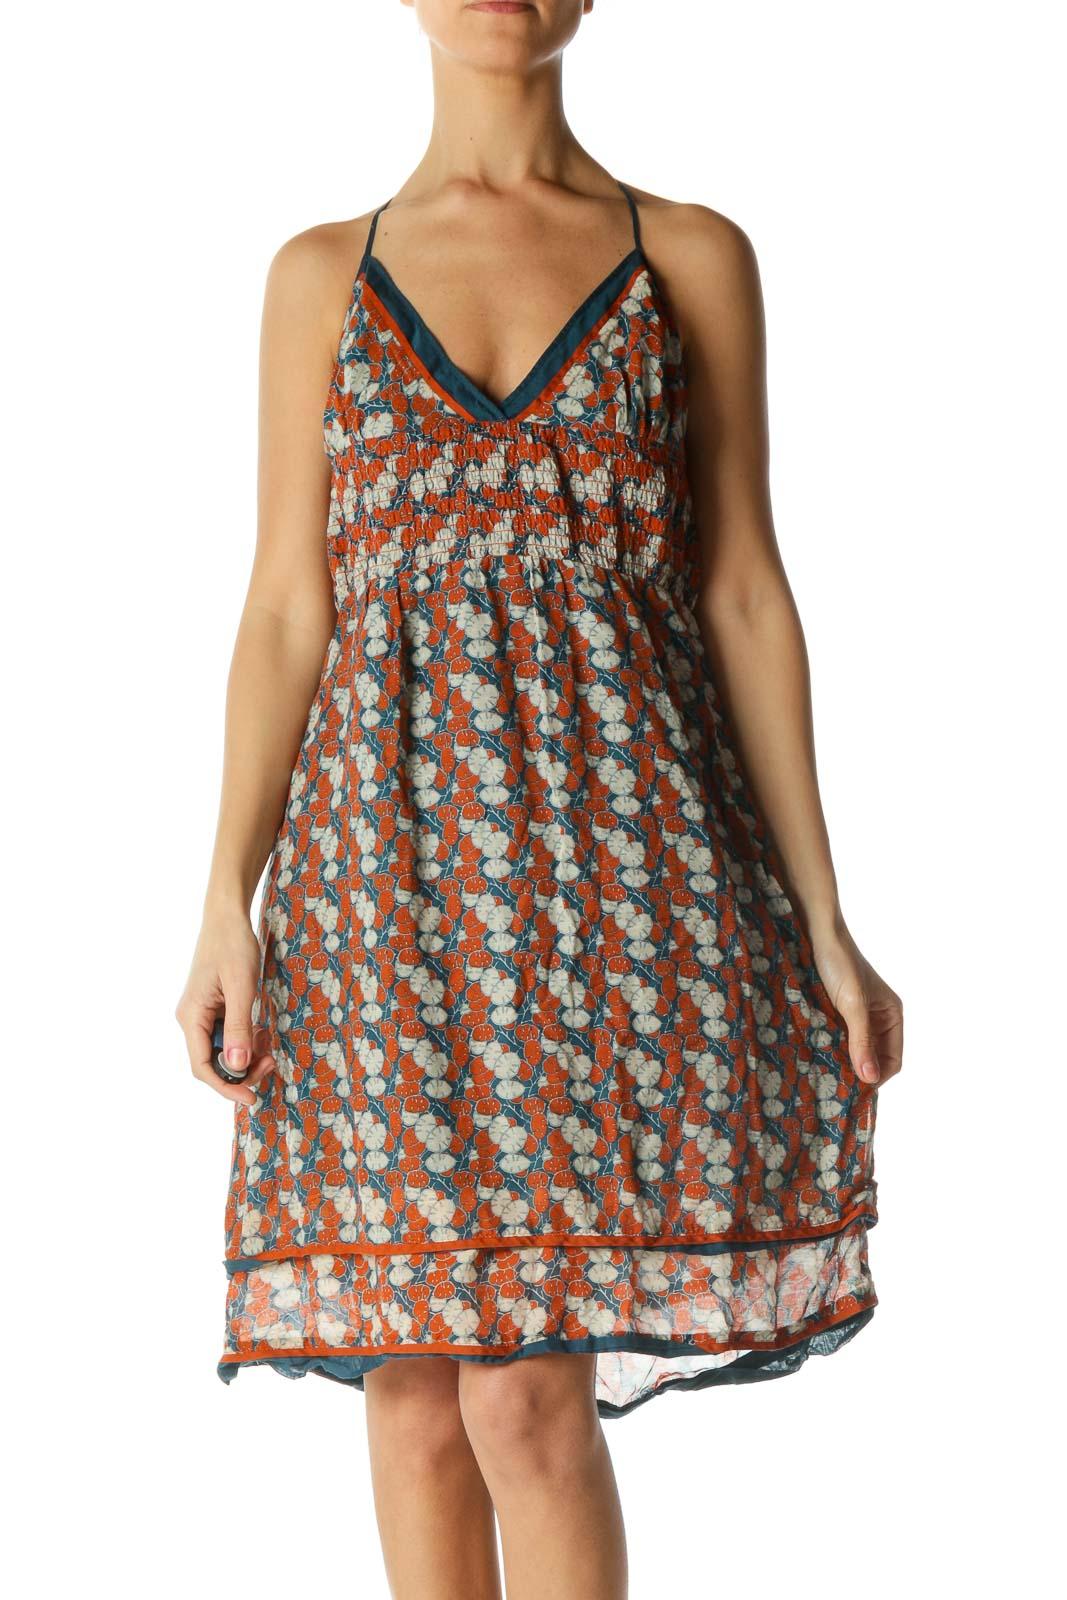 Blue and Orange Halter Dress Front